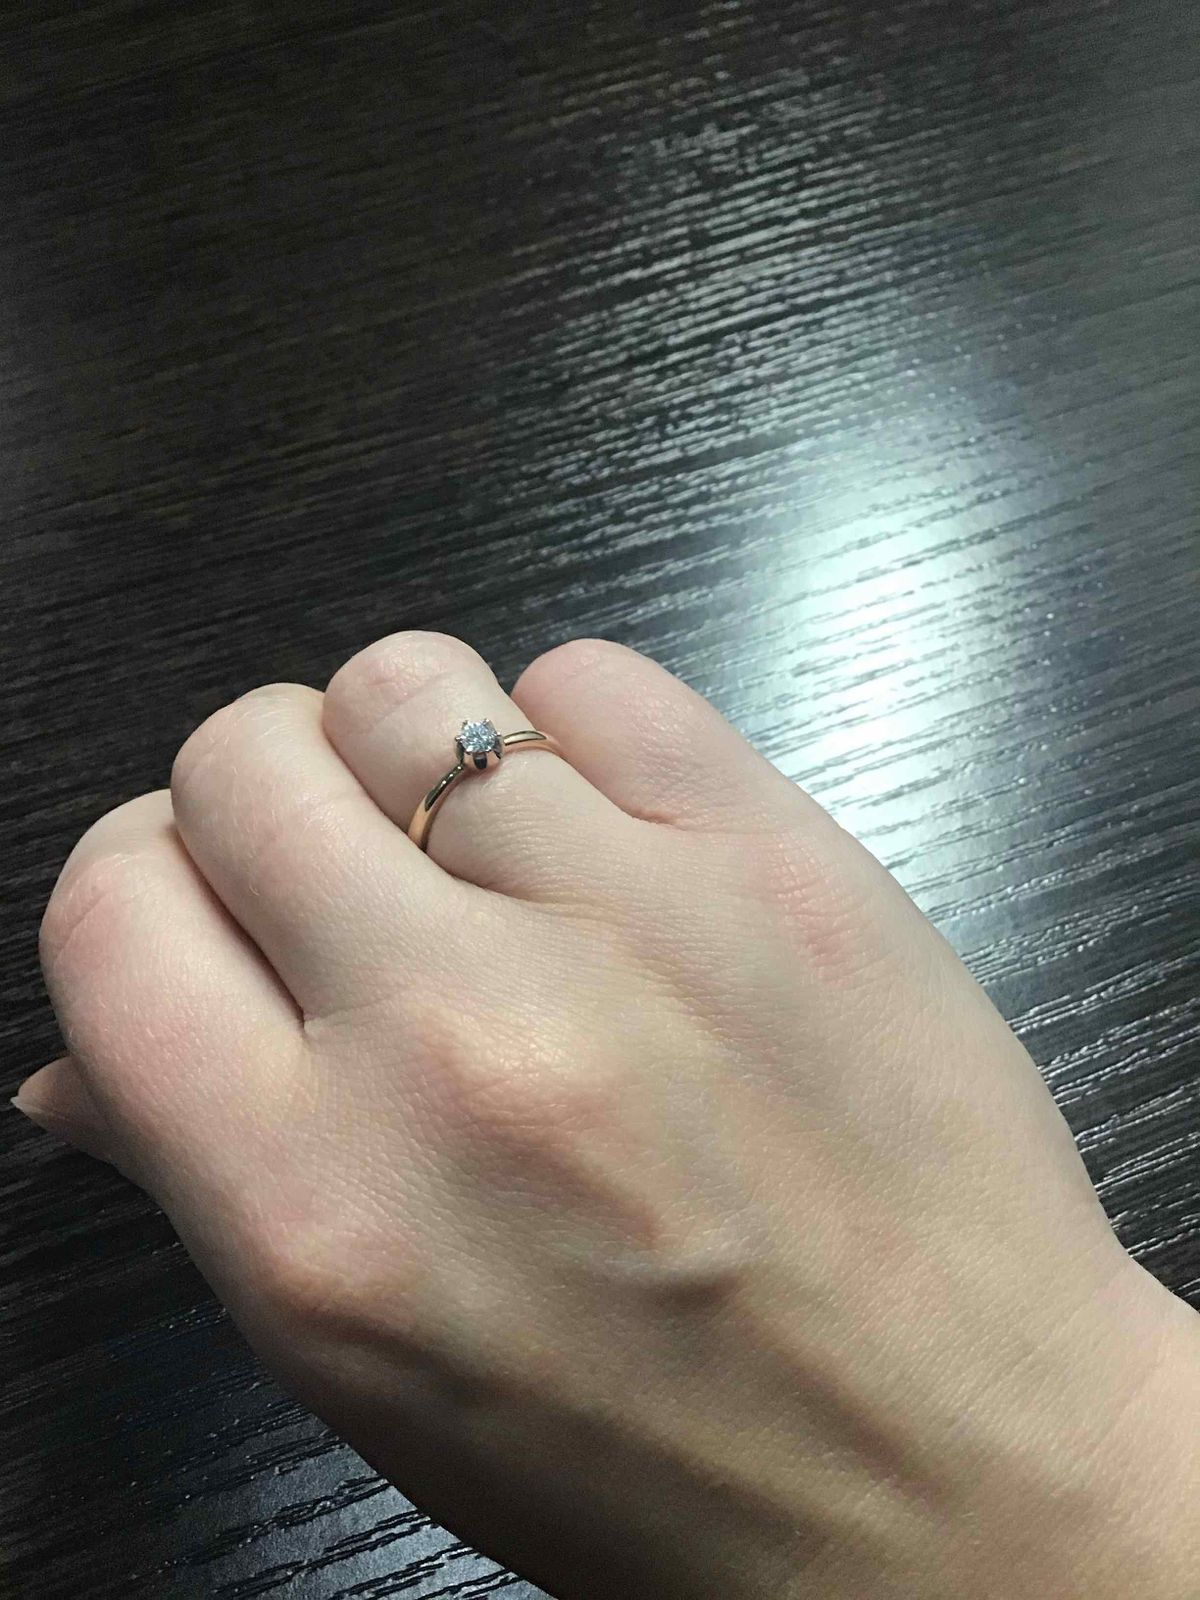 Замечательное кольцо)